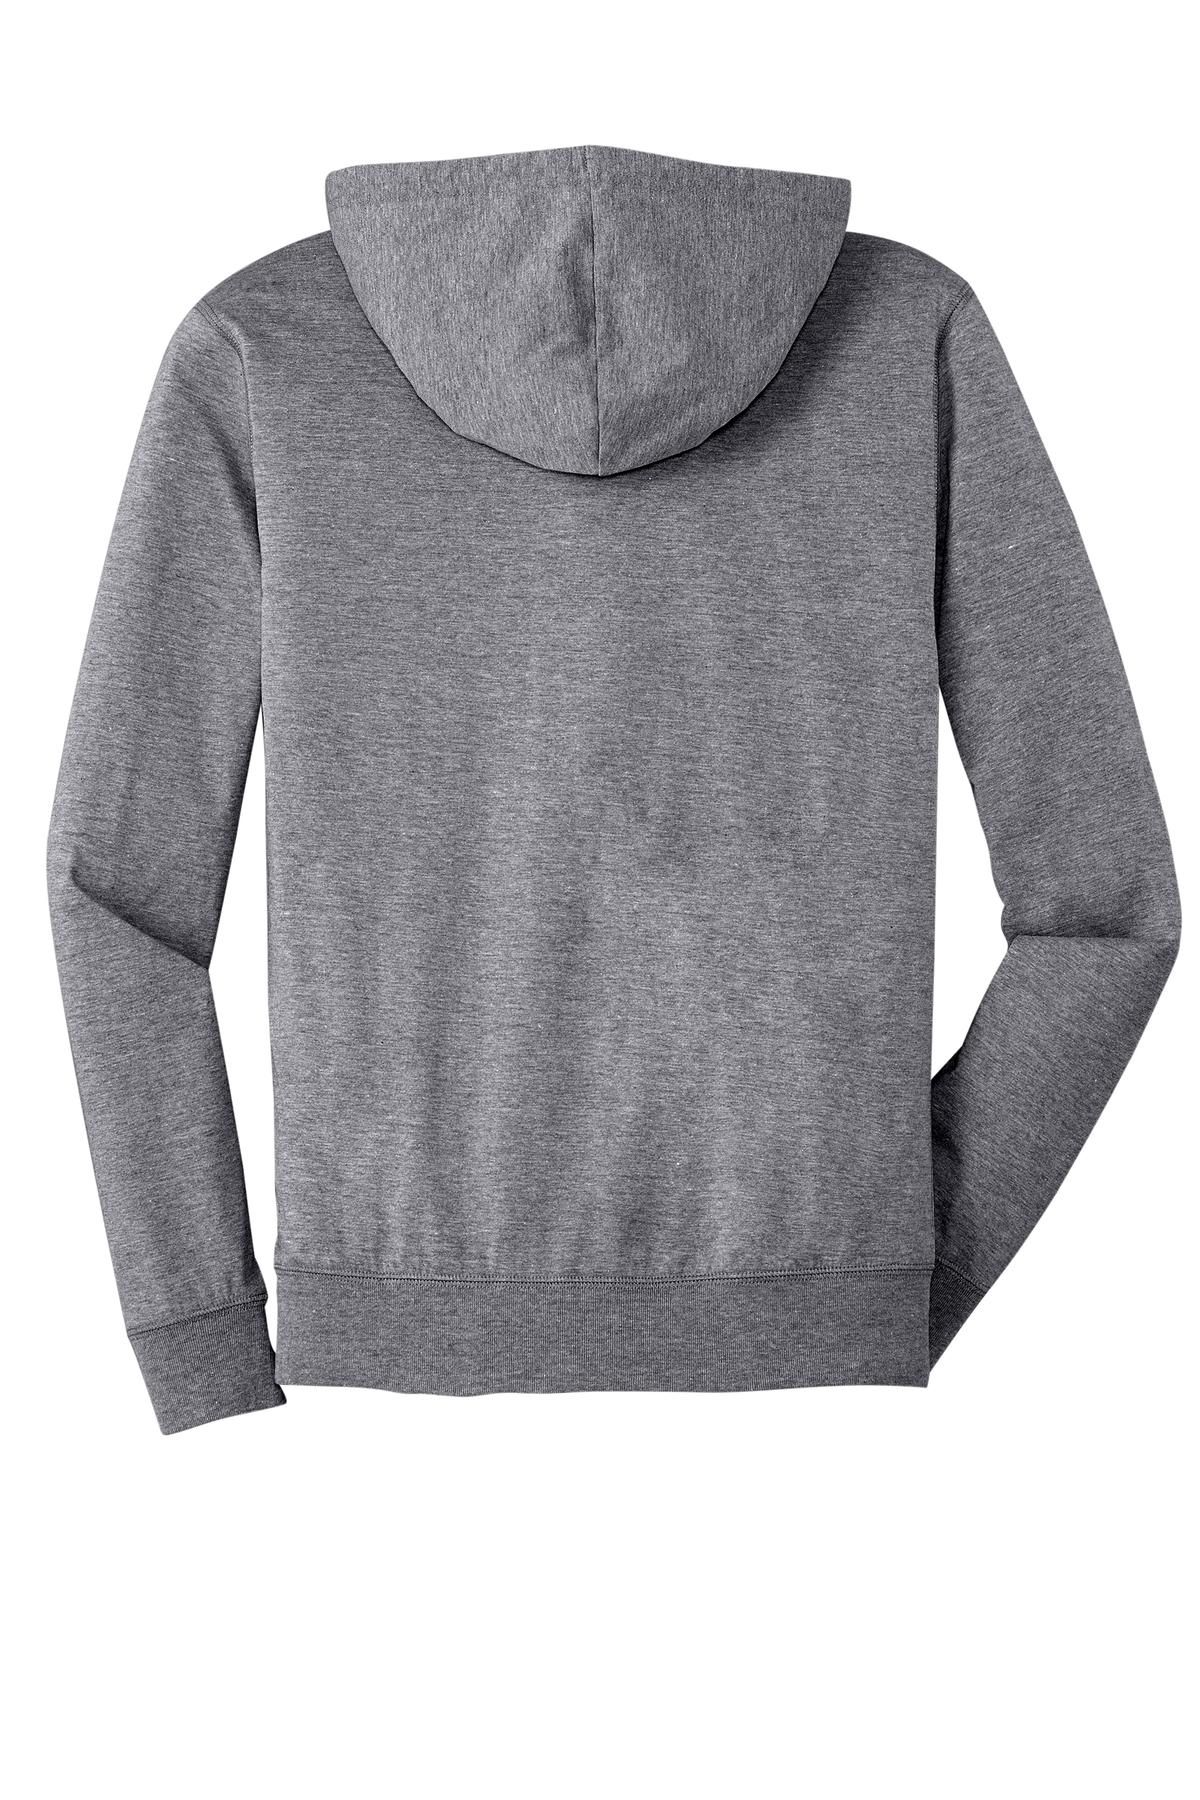 District Jersey Full Zip Hoodie Sweatshirts Fleece Sanmar Zipper Polos Young Grey 1